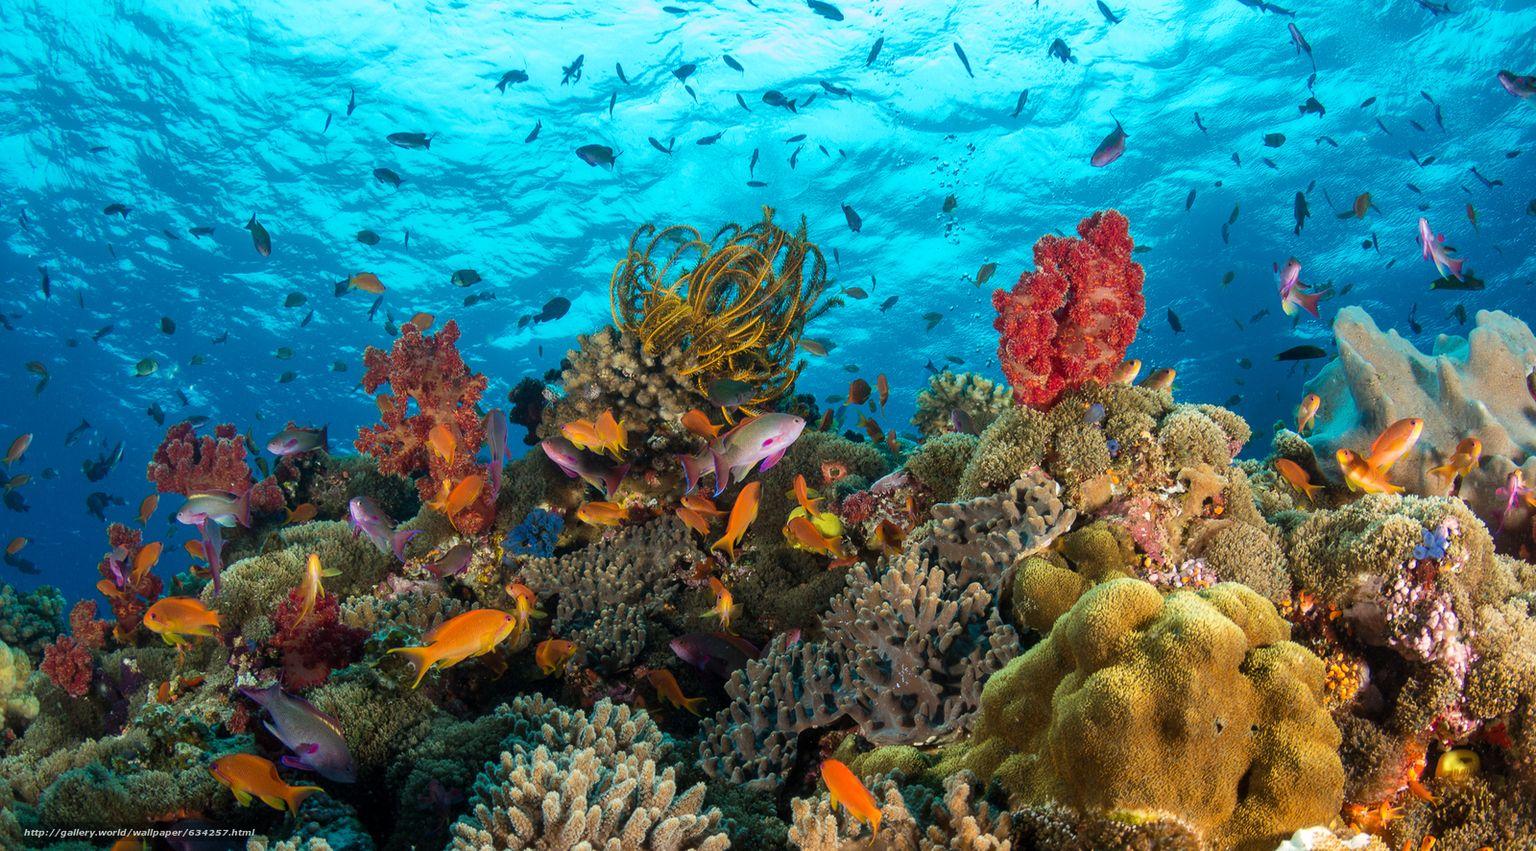 картинки дна океана с рыбками для возведения